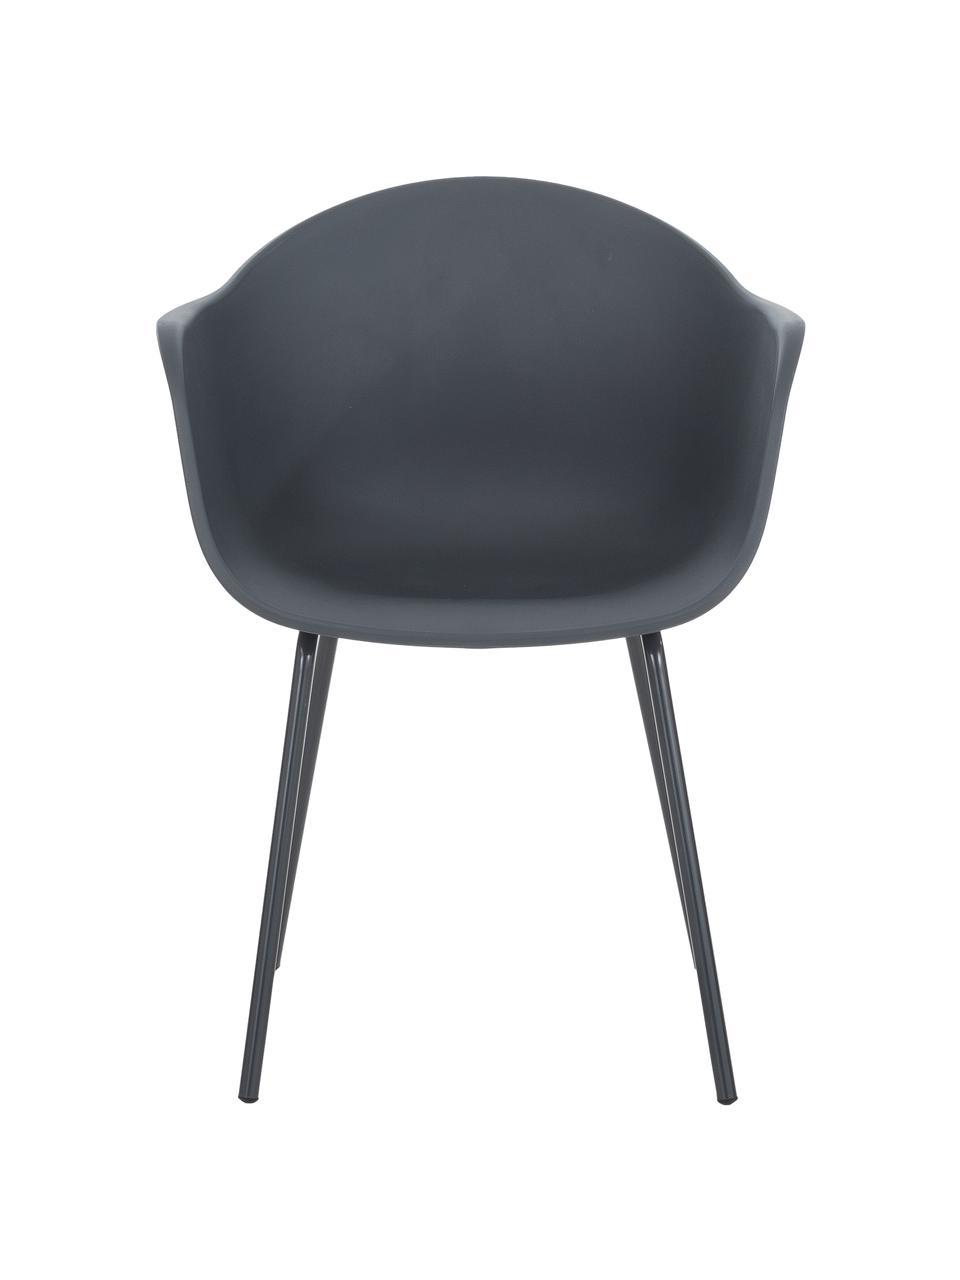 Sedia con braccioli in plastica con gambe in metallo Claire, Seduta: materiale sintetico, Gambe: metallo verniciato a polv, Grigio, Larg. 60 x Alt. 54 cm